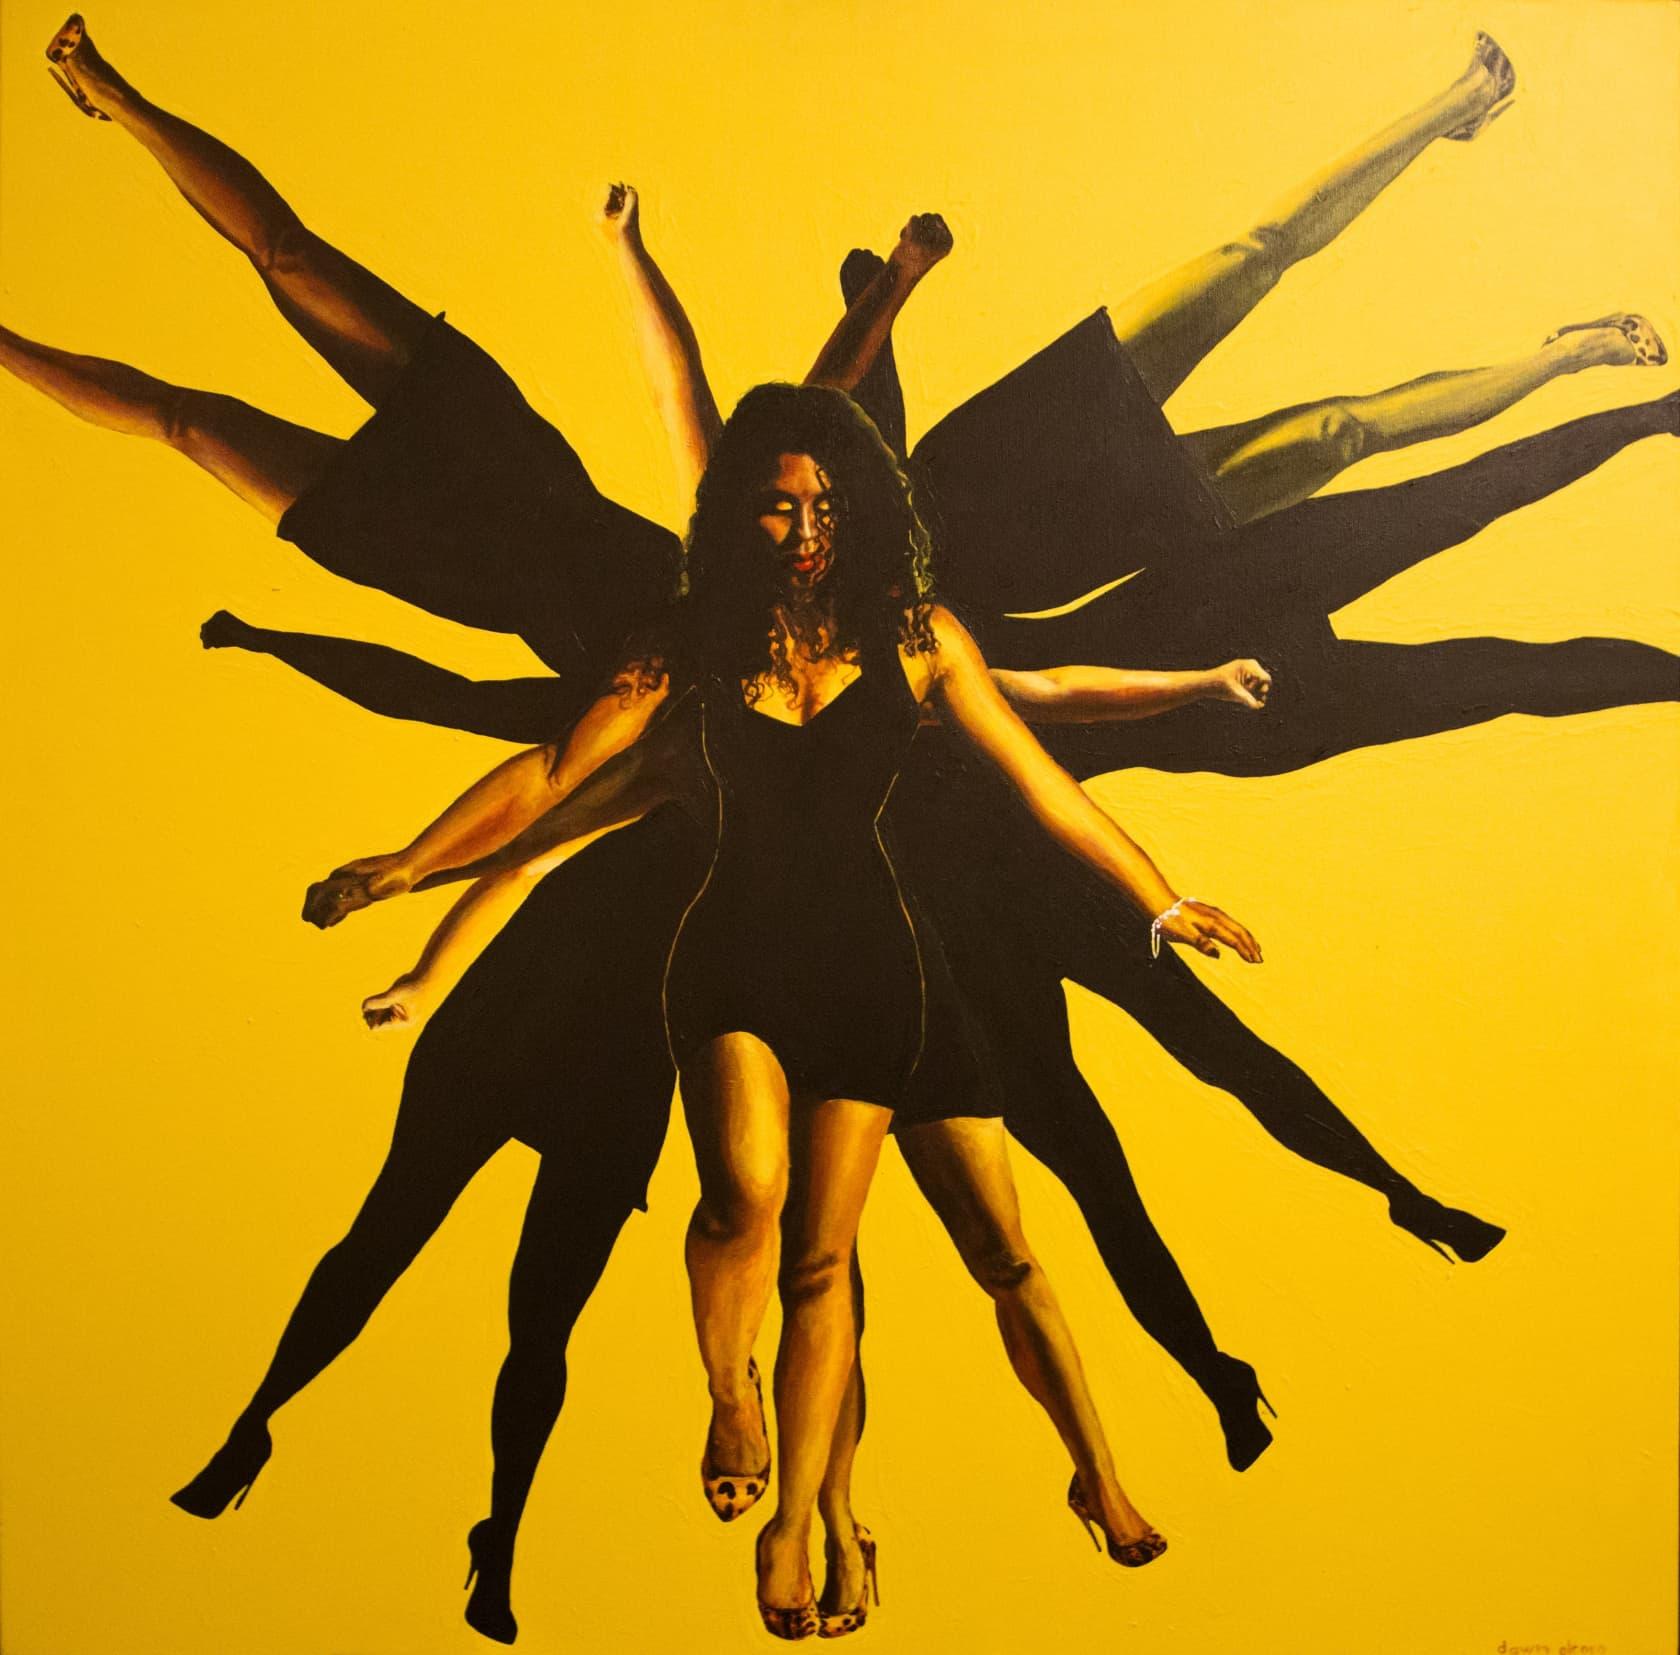 Dawn Okoro, High Yellow, 2017